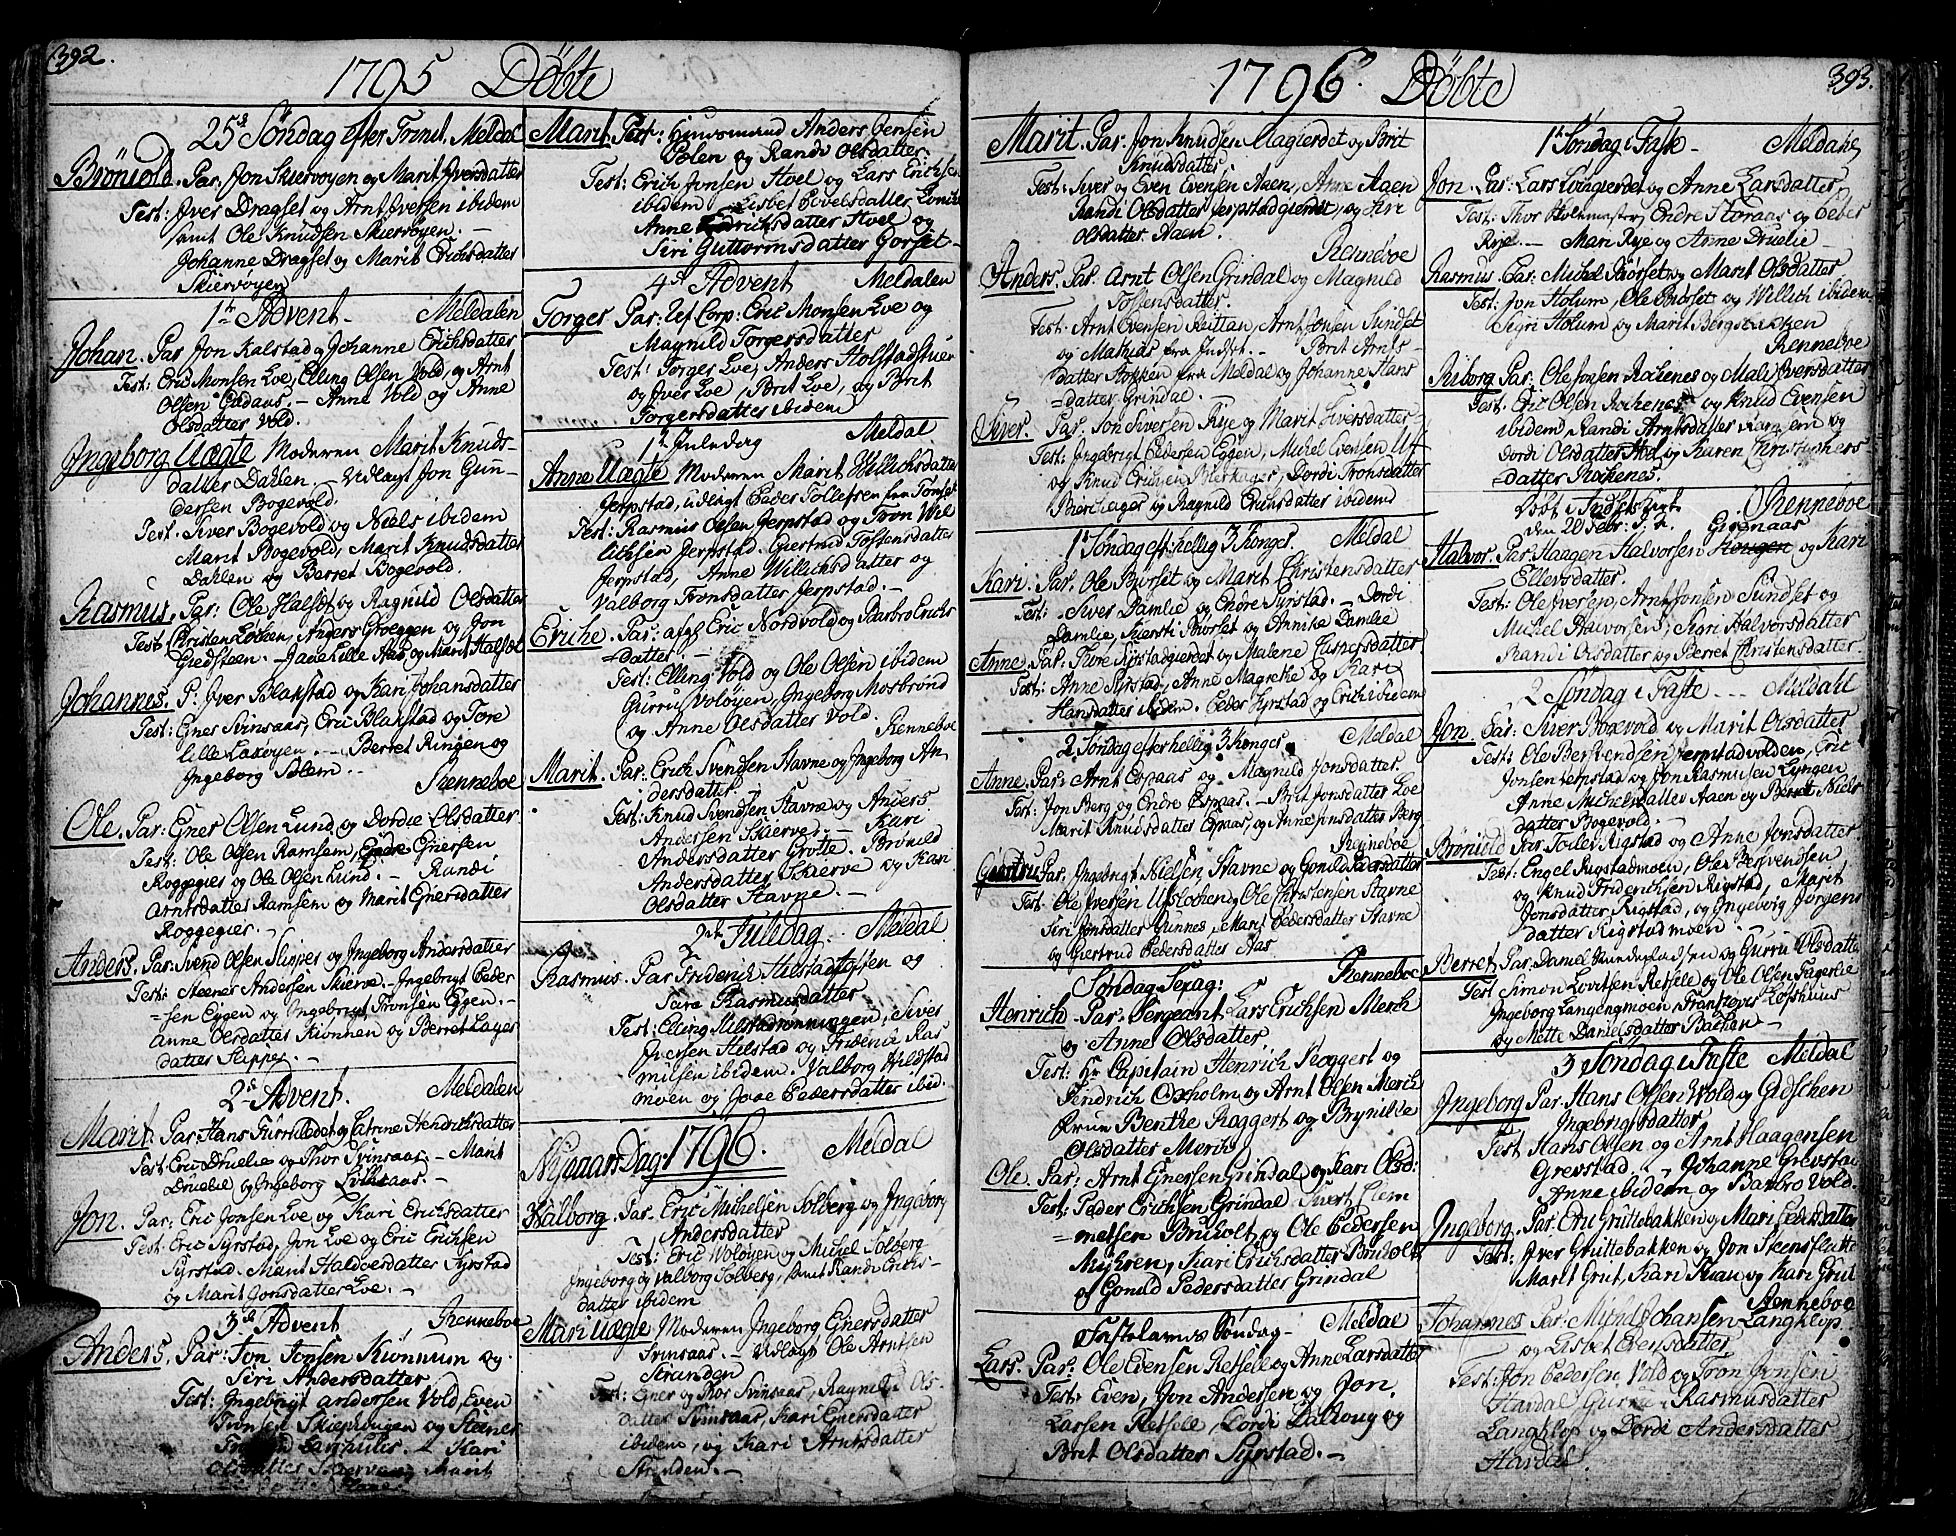 SAT, Ministerialprotokoller, klokkerbøker og fødselsregistre - Sør-Trøndelag, 672/L0852: Ministerialbok nr. 672A05, 1776-1815, s. 392-393